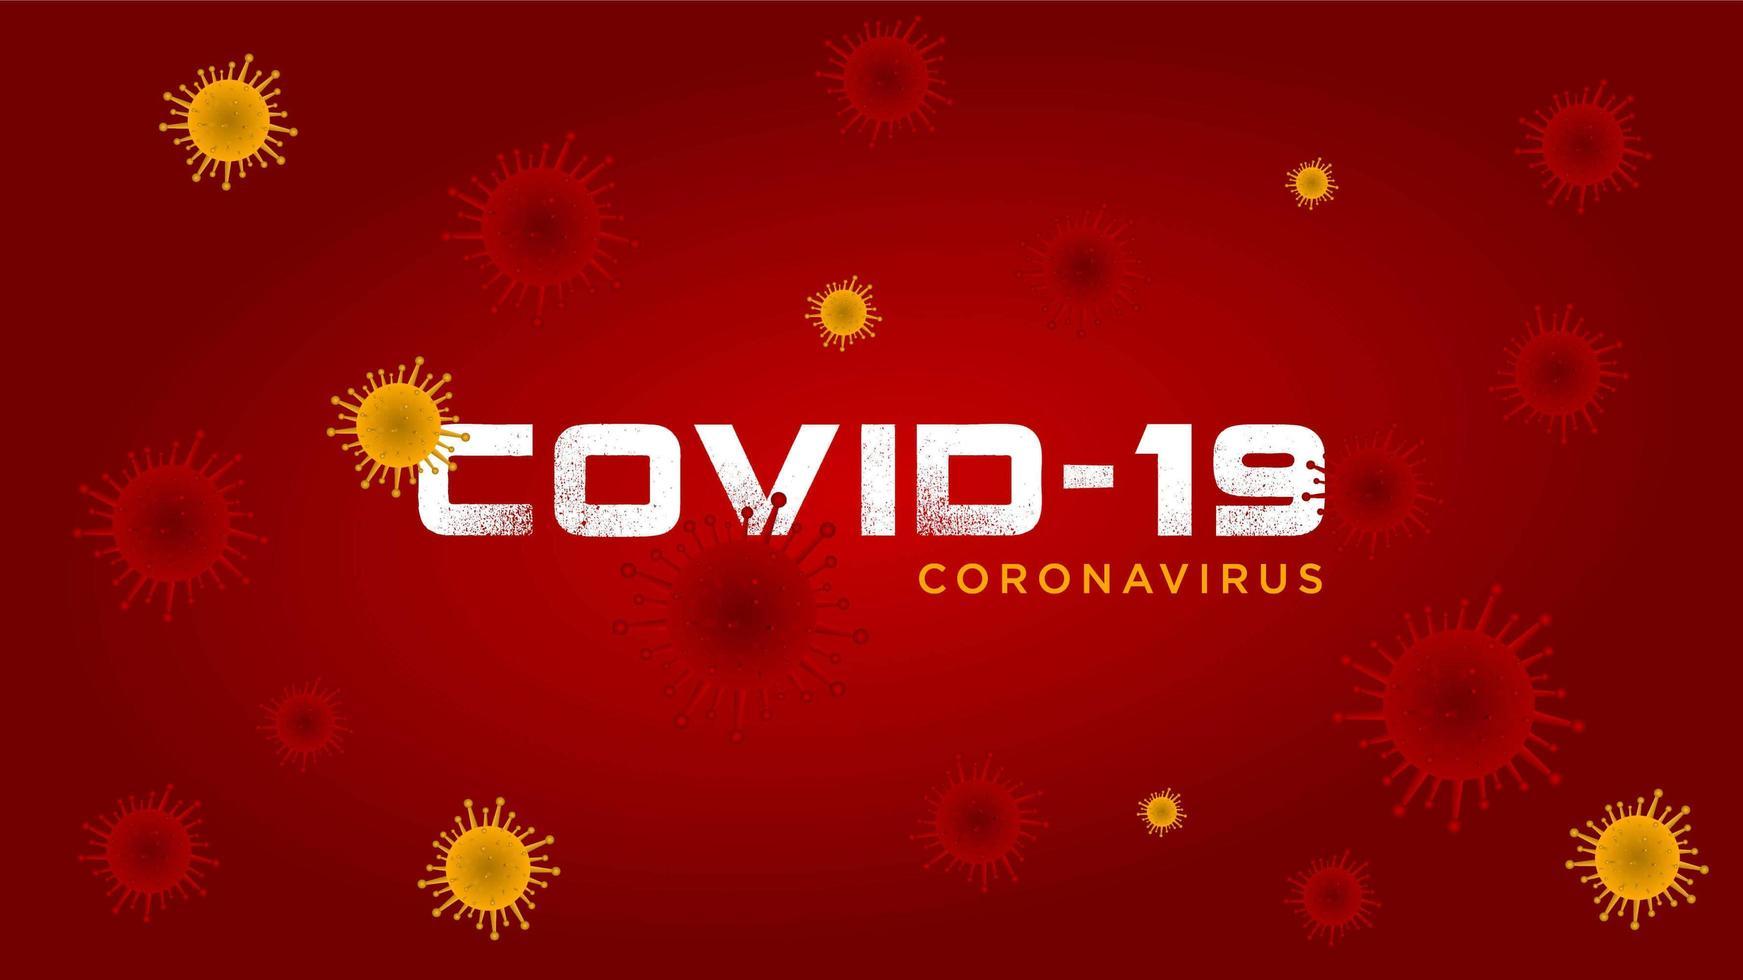 grunge covid-19 texte conception de virus rouge et jaune vecteur